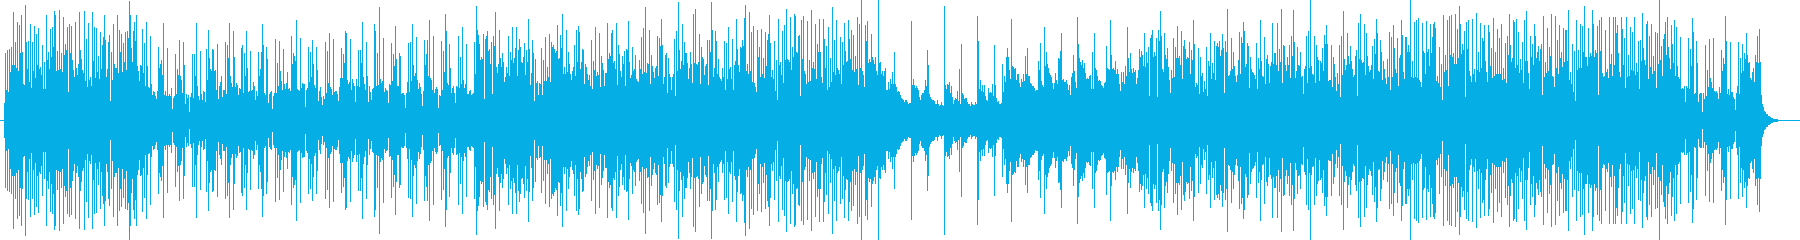 キラキラハッピーなシンセサウンドの再生済みの波形